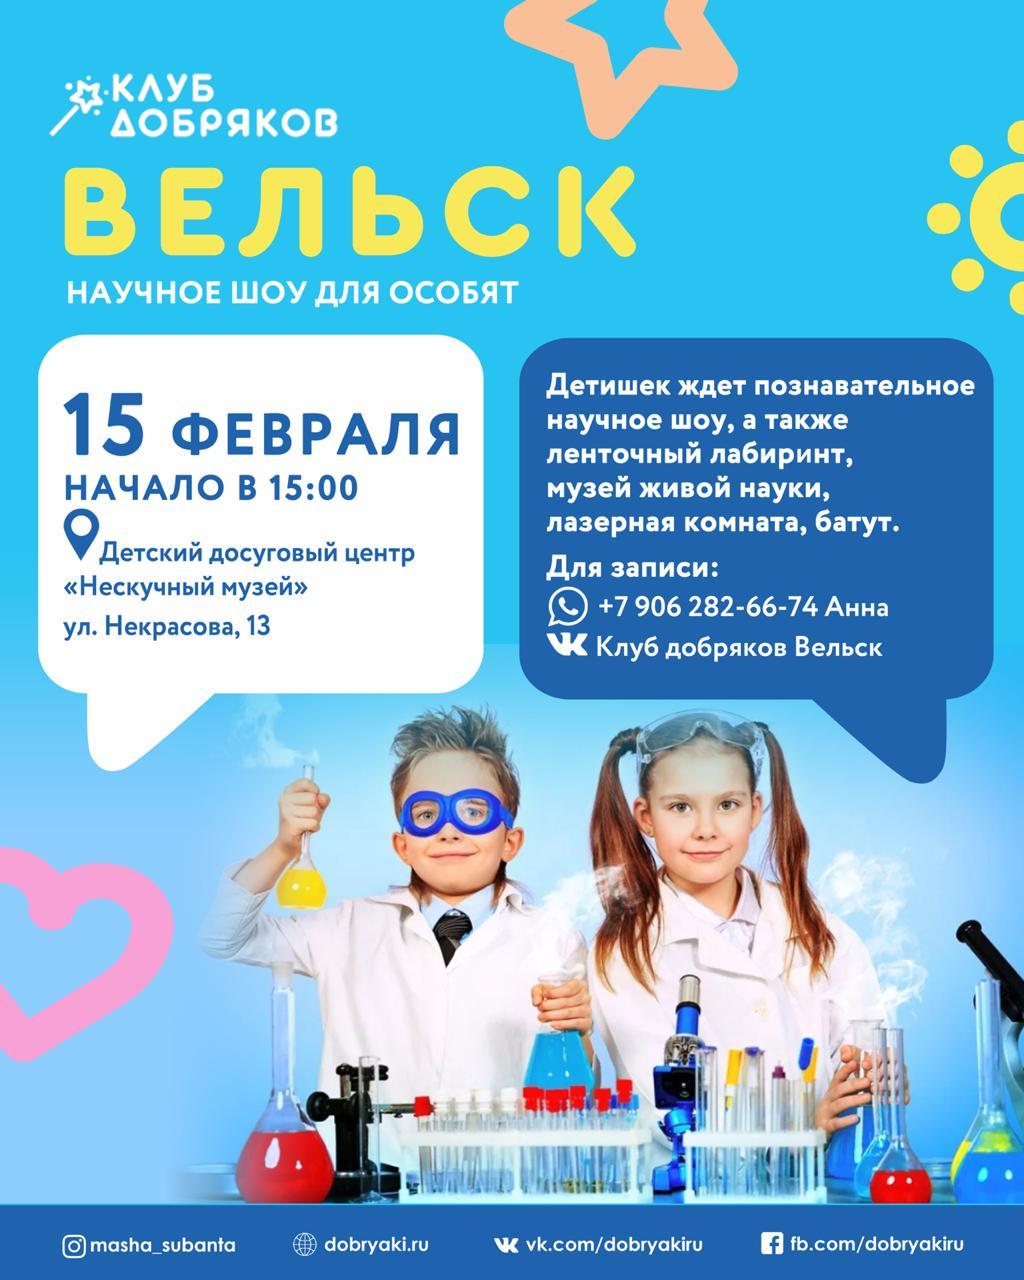 Добряки Вельска приглашают детей с ОВЗ на научное шоу